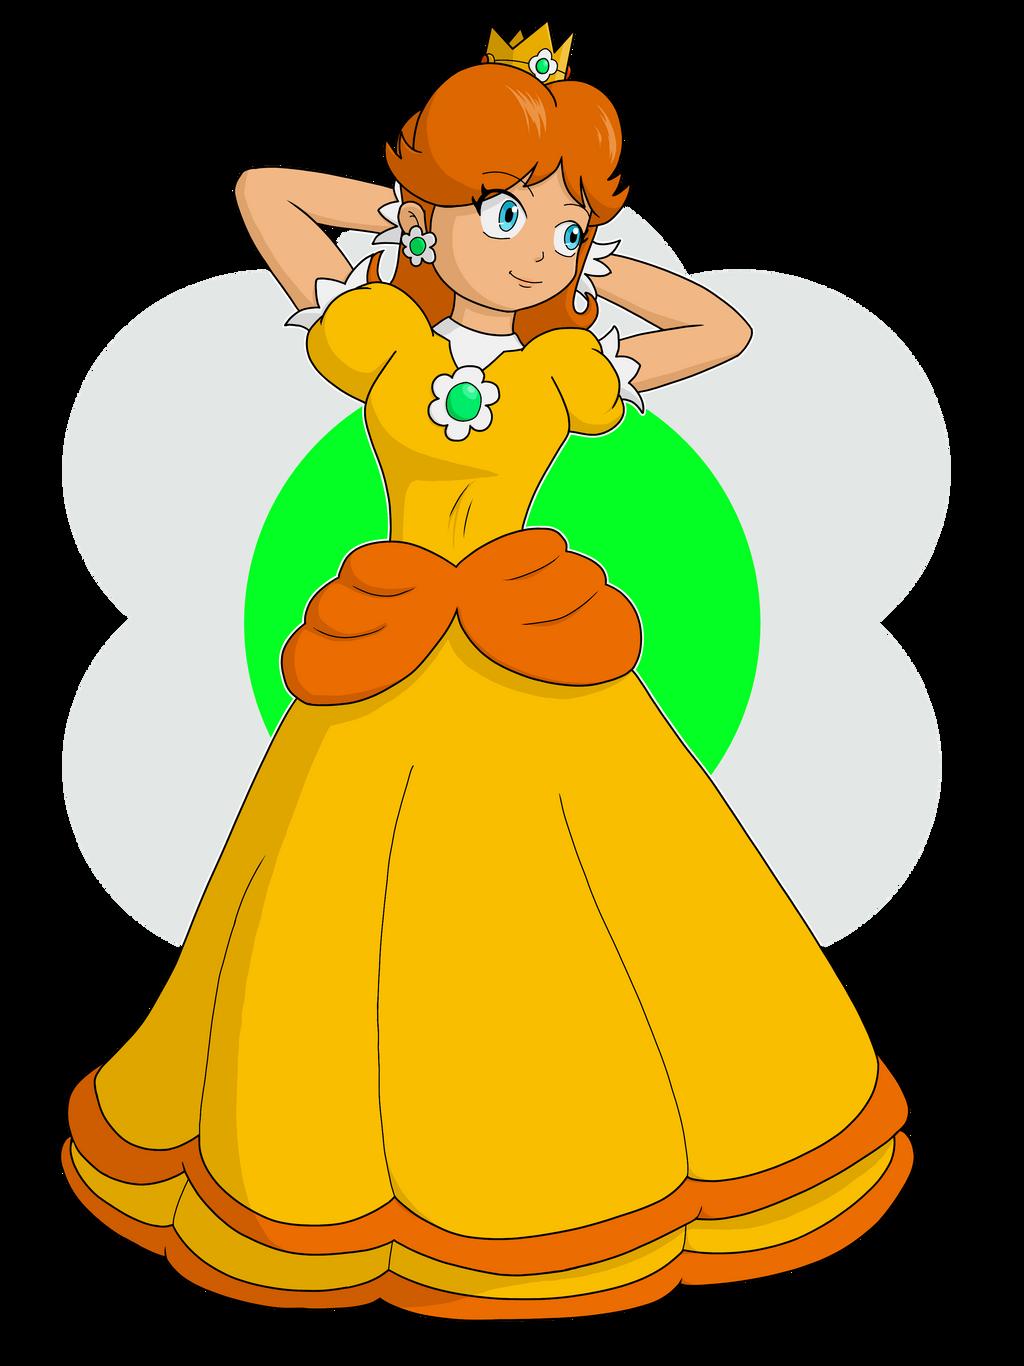 Princess Daisy Super Mario Bros By Sunbeamstone On Deviantart